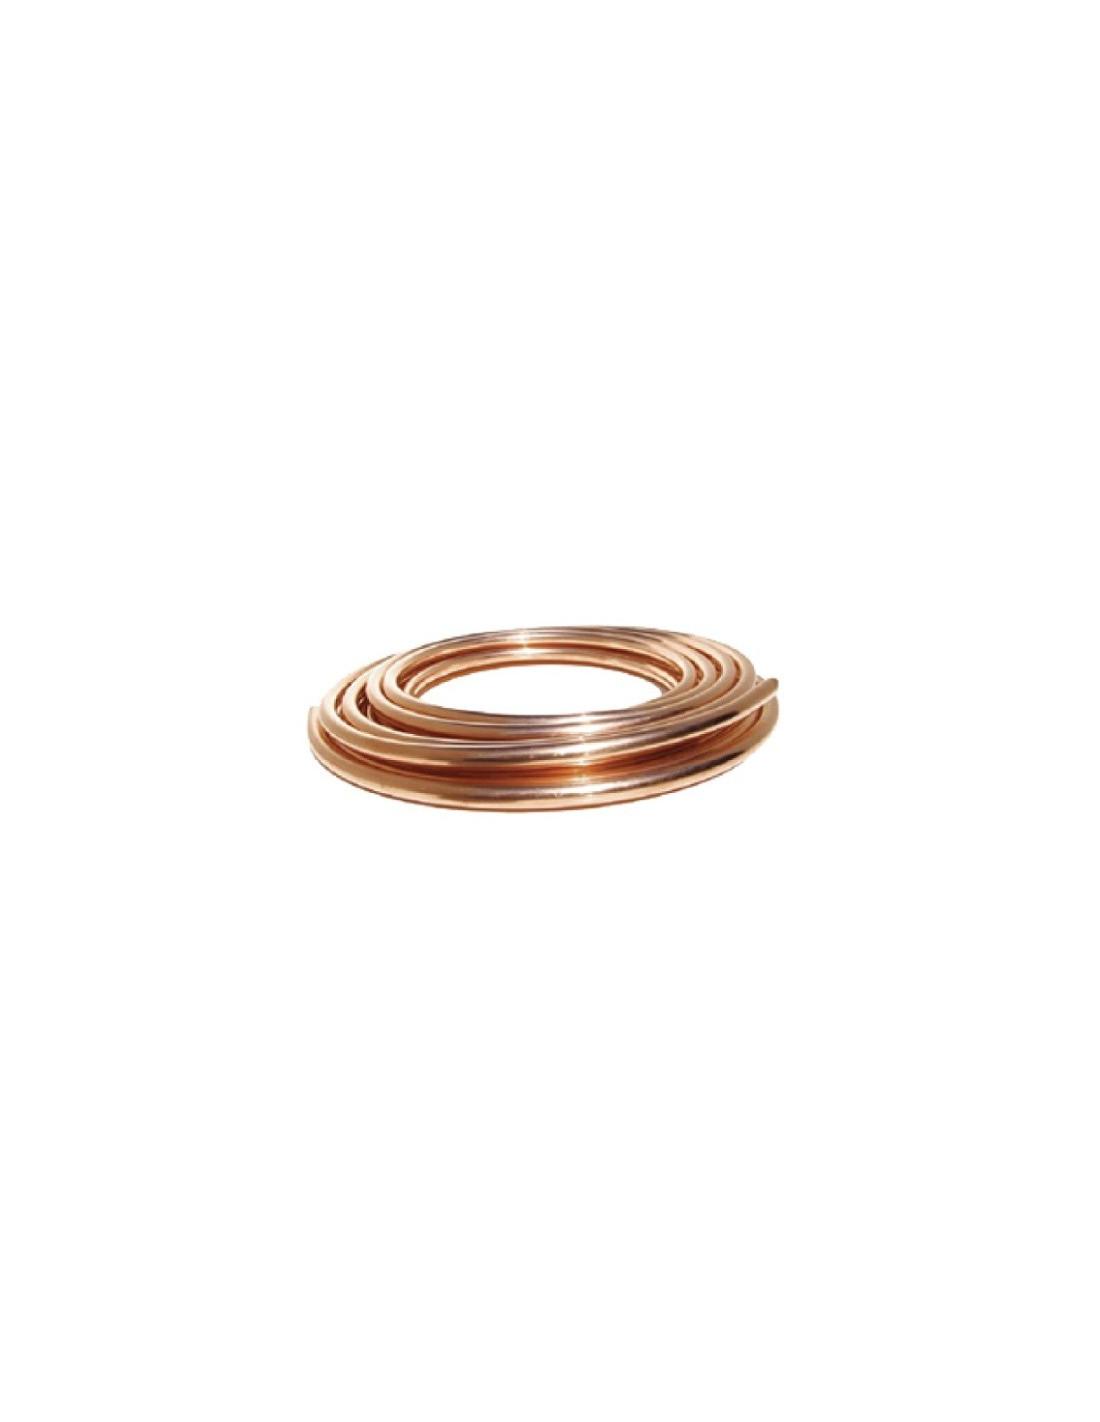 Tubo cobre flexible gas 8mm 6 8mm para caravanas - Tubo de cobre para gas ...